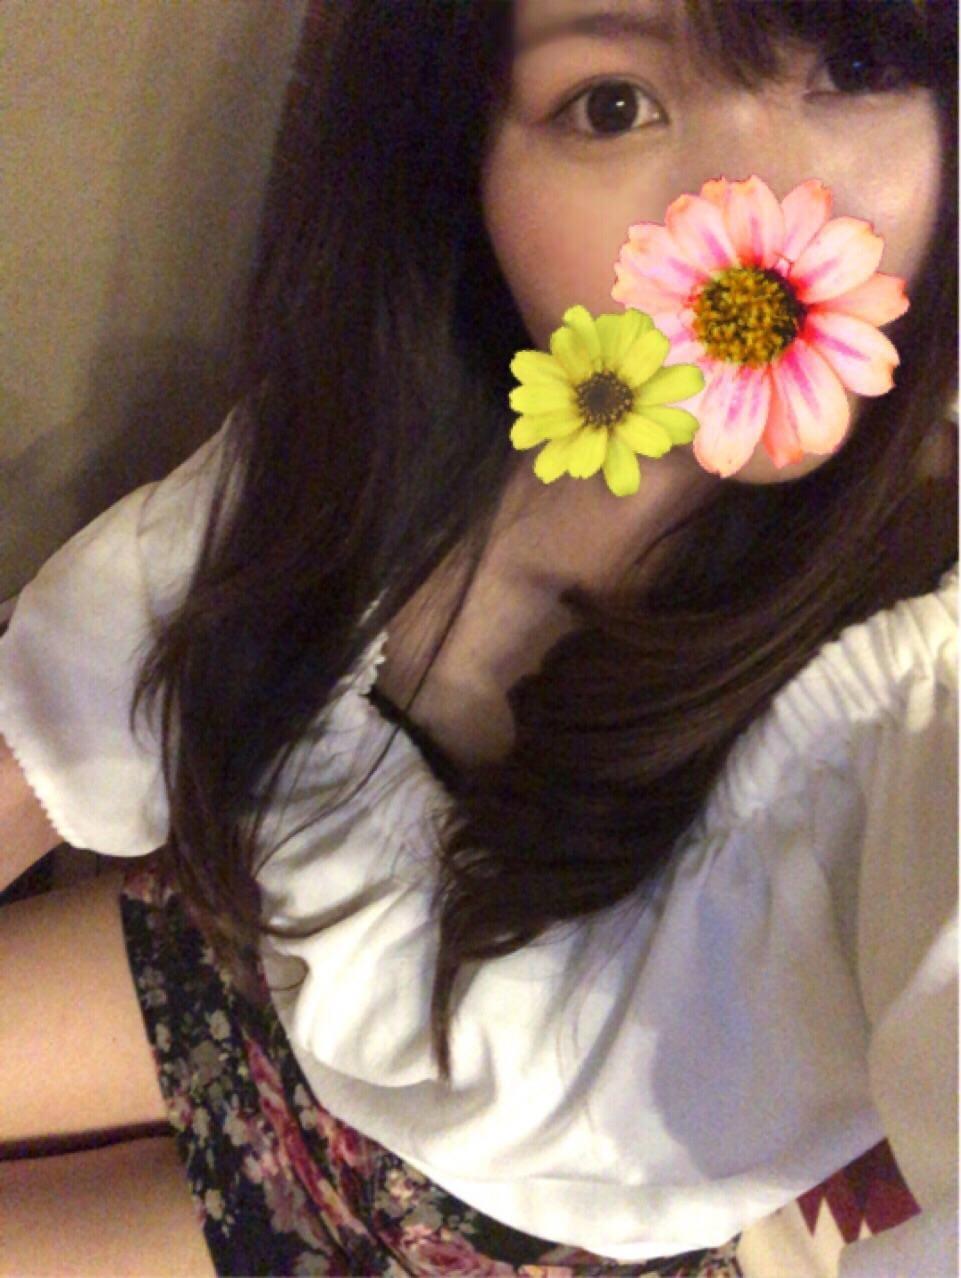 「ありかなしか」06/08(06/08) 23:19 | えりちゃんの写メ・風俗動画